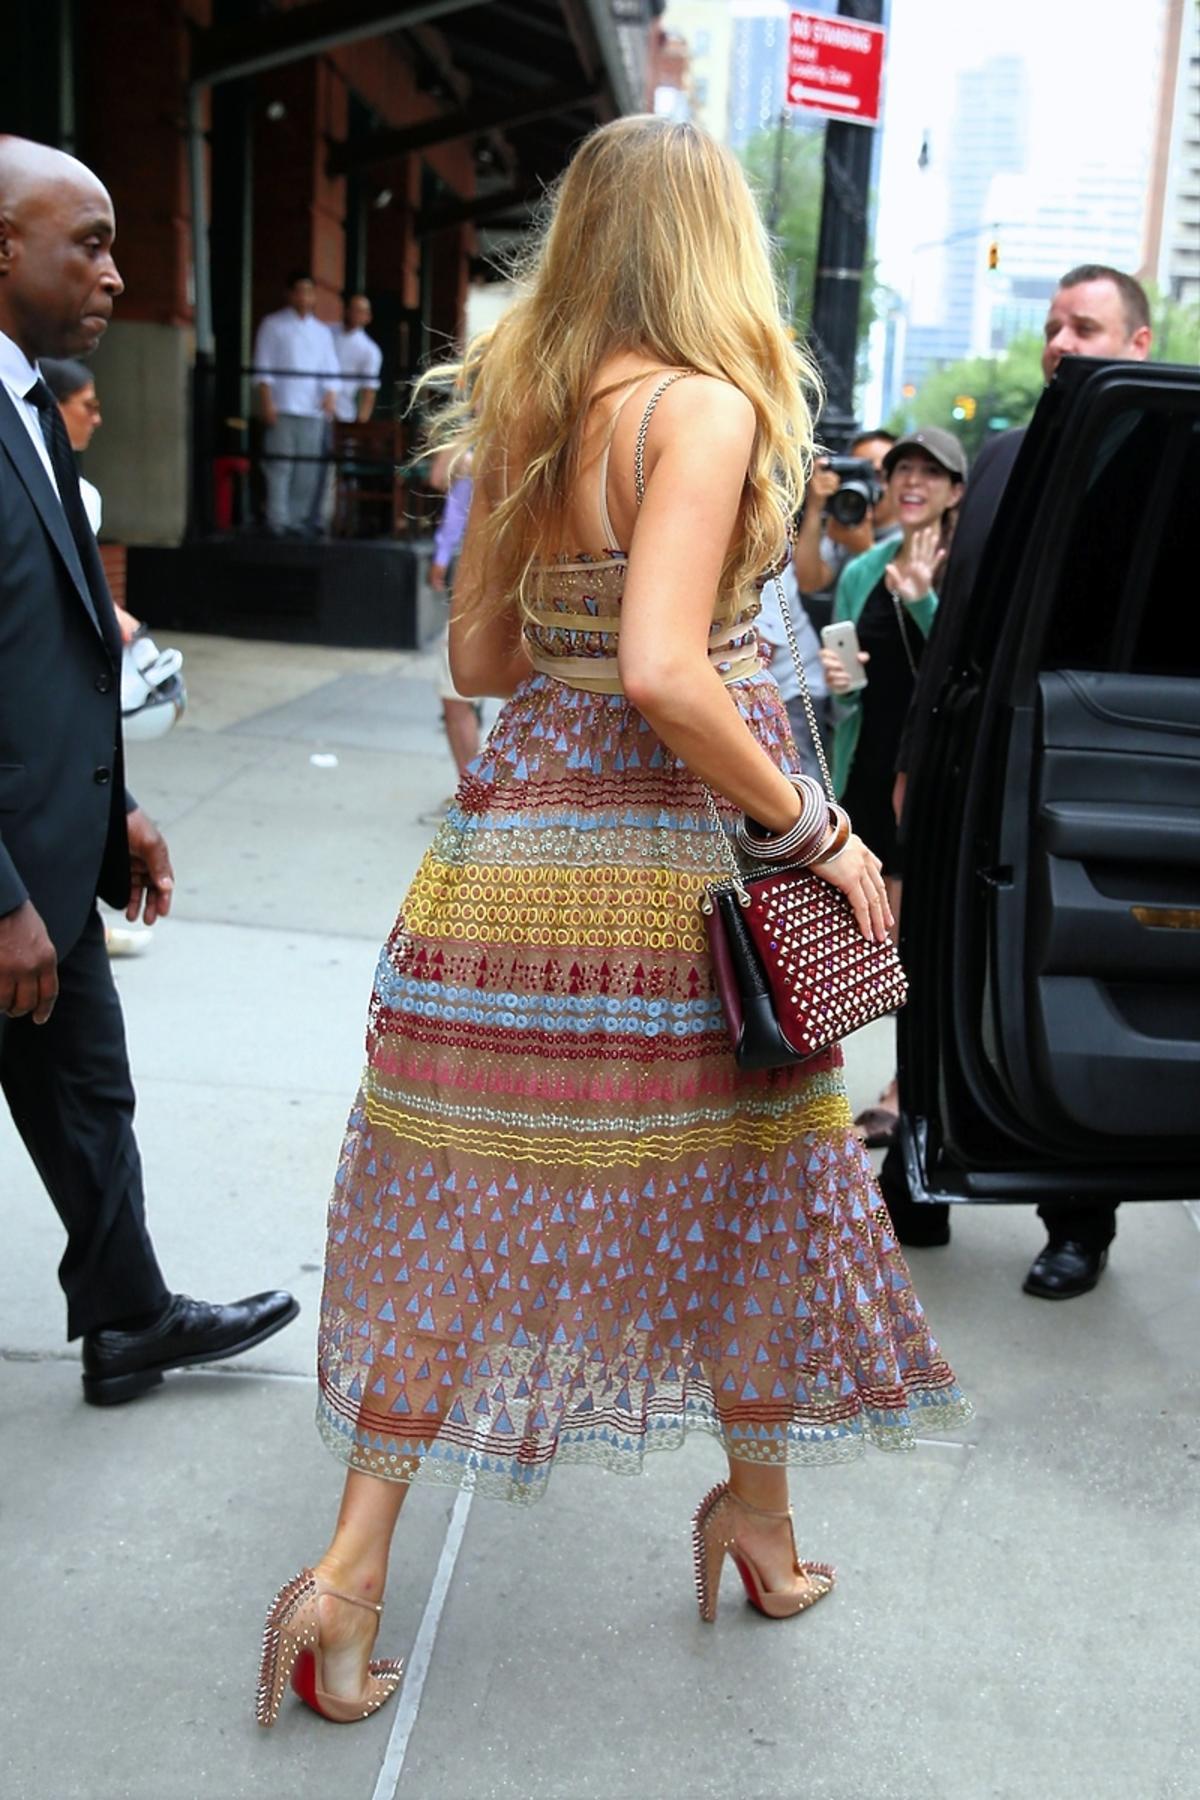 Blake Lively w zwiewnej wzorzystej sukience idzie po ulicy